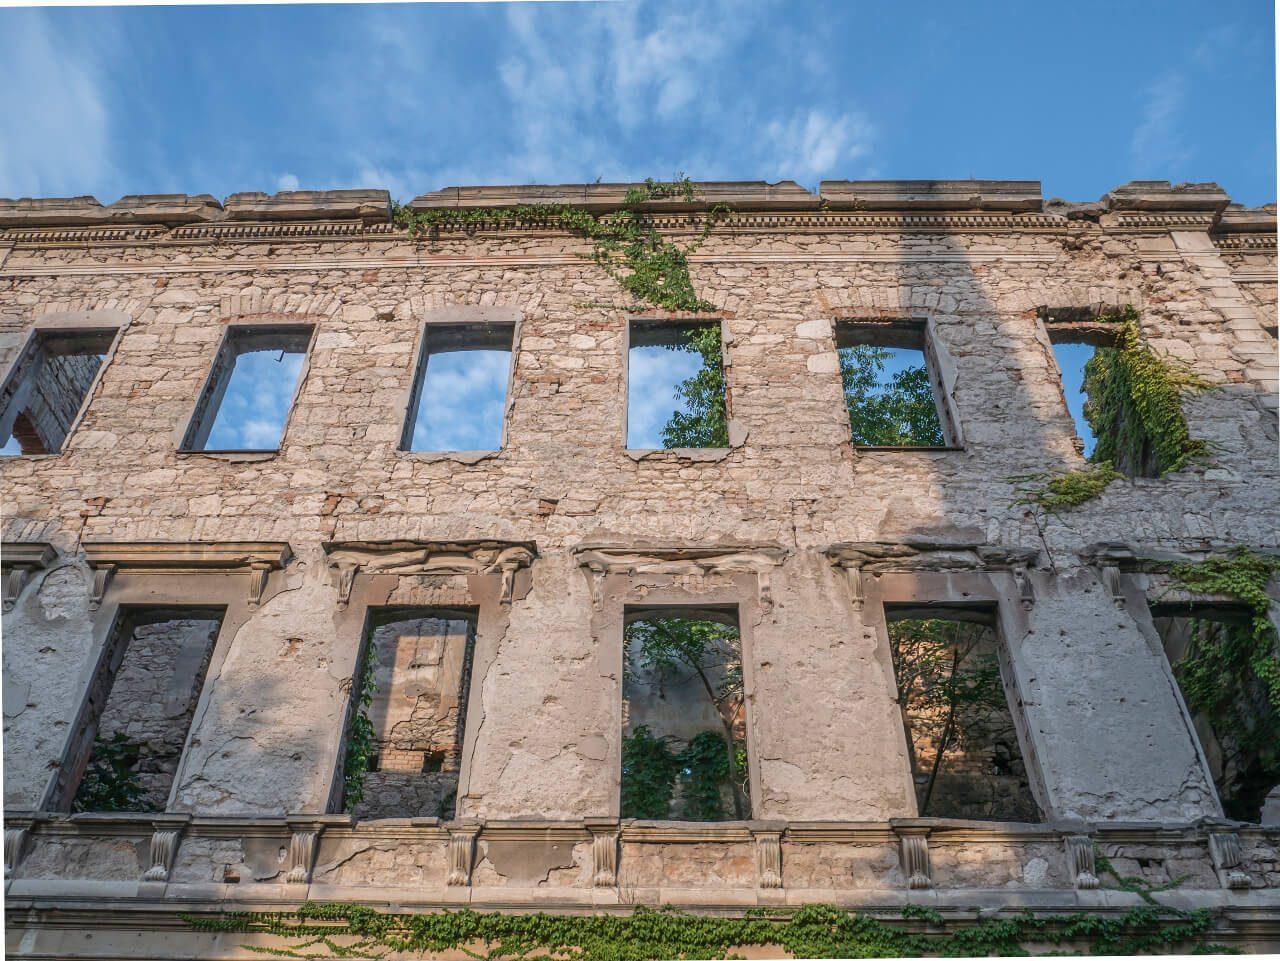 Ruiny wojenne w Mostarze przy ulicy Marszala Tity